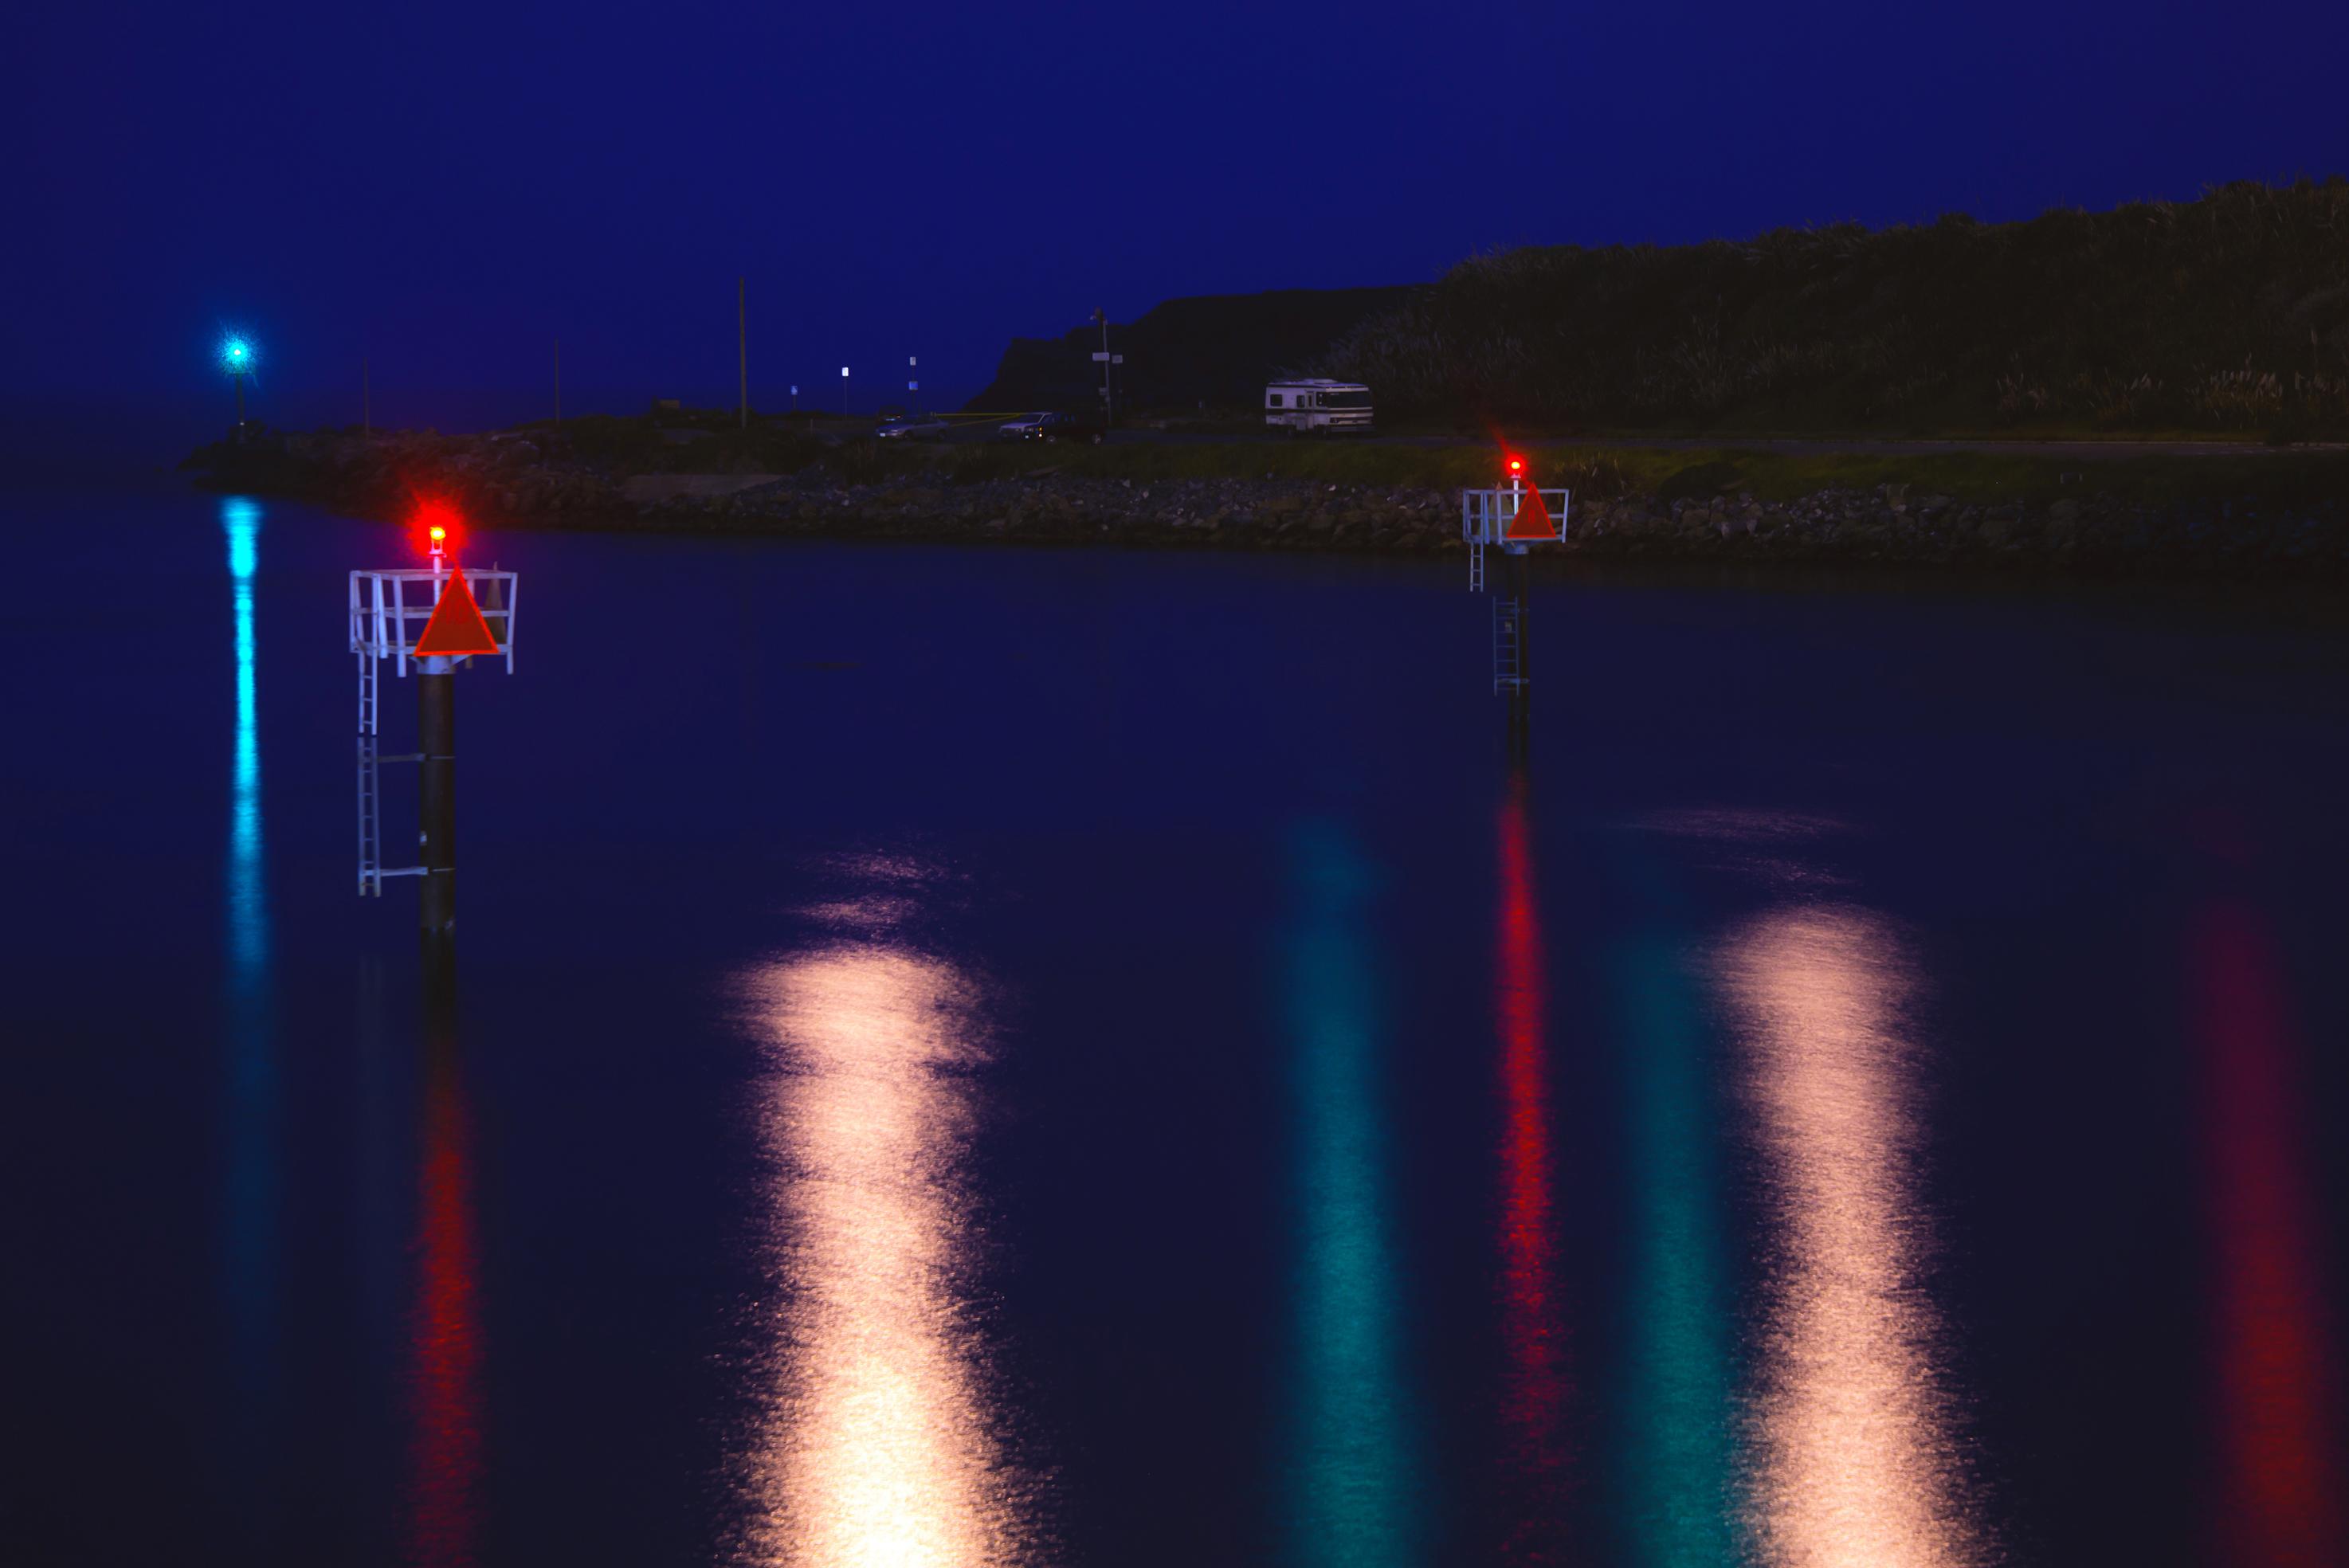 Noyo River at Night